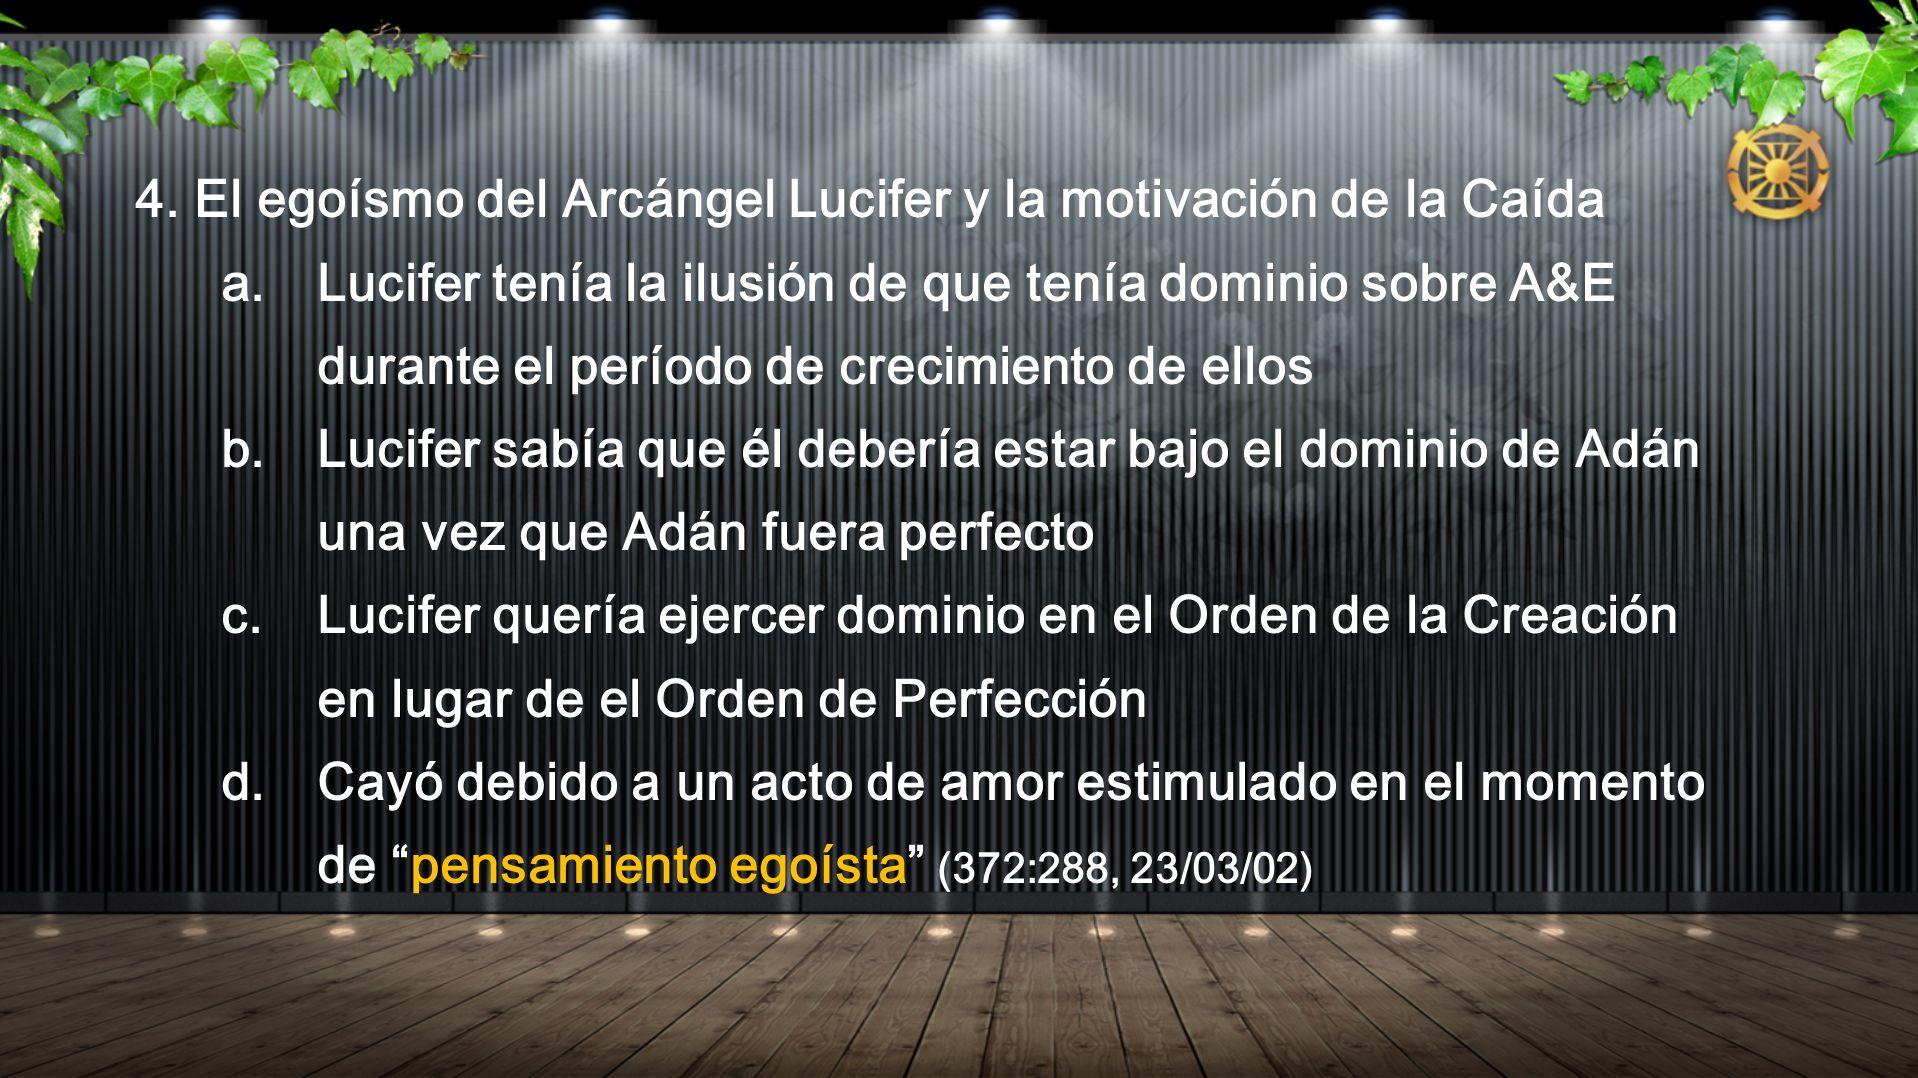 4. El egoísmo del Arcángel Lucifer y la motivación de la Caída